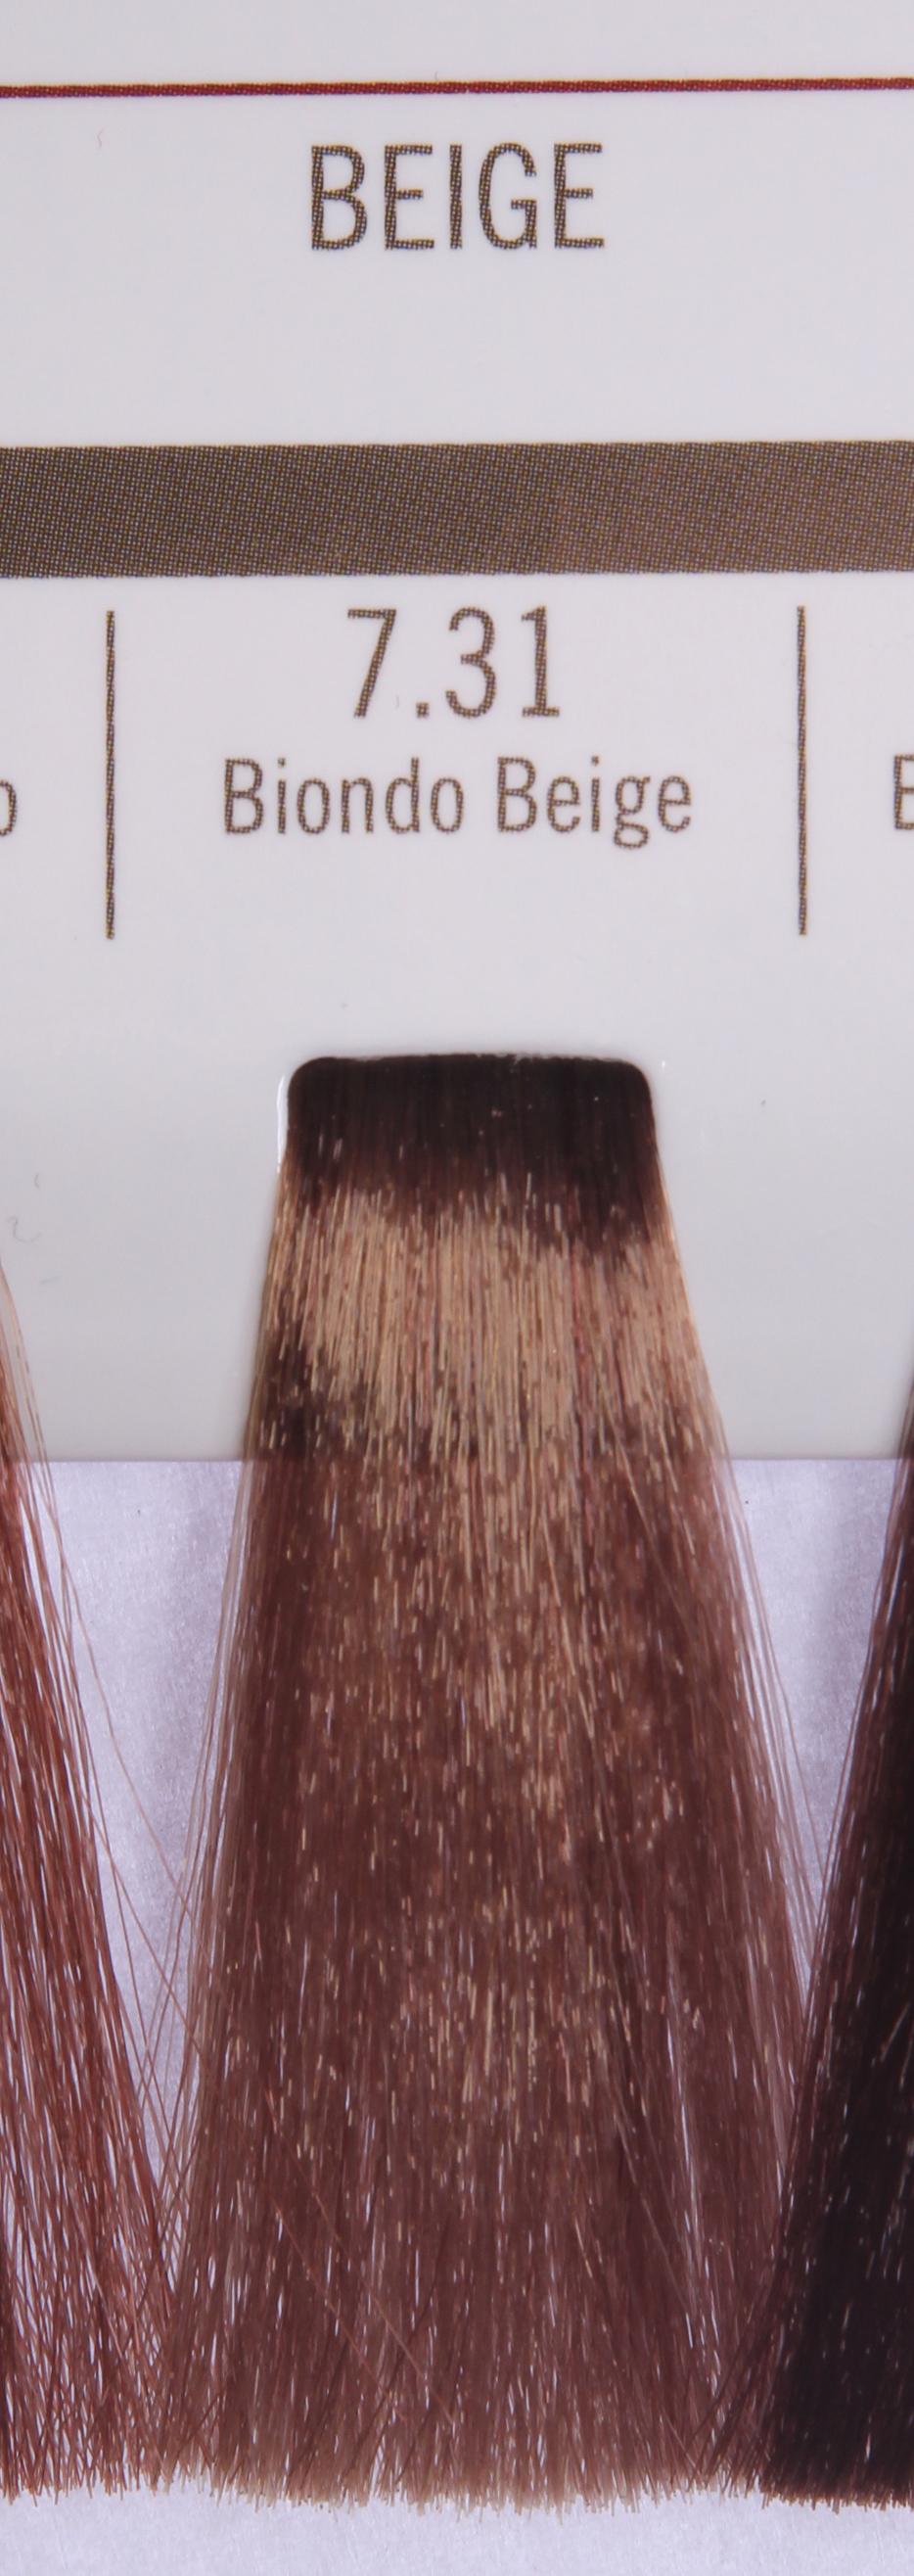 BAREX 7.31 краска для волос / PERMESSE 100млКраски<br>Оттенок: Блондин бежевый. Профессиональная крем-краска Permesse отличается низким содержанием аммиака - от 1 до 1,5%. Обеспечивает блестящий и натуральный косметический цвет, 100% покрытие седых волос, идеальное осветление, стойкость и насыщенность цвета до следующего окрашивания. Комплекс сертифицированных органических пептидов M4, входящих в состав, действует с момента нанесения, увлажняя волосы, придавая им прочность и защиту. Пептиды избирательно оседают в самых поврежденных участках волоса, восстанавливая и защищая их. Масло карите оказывает смягчающее и успокаивающее действие. Комплекс пептидов и масло карите стимулируют проникновение пигментов вглубь структуры волоса, придавая им здоровый вид, блеск и долговечность косметическому цвету. Активные ингредиенты:&amp;nbsp;Сертифицированные органические пептиды М4 - пептиды овса, бразильского ореха, сои и пшеницы, объединенные в полифункциональный комплекс, придающий прочность окрашенным волосам, увлажняющий и защищающий их. Сертифицированное органическое масло карите (масло ши) - богато жирными кислотами, экстрагируется из ореха африканского дерева карите. Оказывает смягчающий и целебный эффект на кожу и волосы, широко применяется в косметической индустрии. Масло карите защищает волосы от неблагоприятного воздействия внешней среды, интенсивно увлажняет кожу и волосы, т.к. обладает высокой степенью абсорбции, не забивает поры. Способ применения:&amp;nbsp;Крем-краска готовится в смеси с Молочком-оксигентом Permesse 10/20/30/40 объемов в соотношении 1:1 (например, 50 мл крем-краски + 50 мл молочка-оксигента). Молочко-оксигент работает в сочетании с крем-краской и гарантирует идеальное проявление краски. Тюбик крем-краски Permesse содержит 100 мл продукта, количество, достаточное для 2 полных нанесений. Всегда надевайте подходящие специальные перчатки перед подготовкой и нанесением краски. Подготавливайте смесь крем-краски и молочка-оксигента Permesse в неметалличе